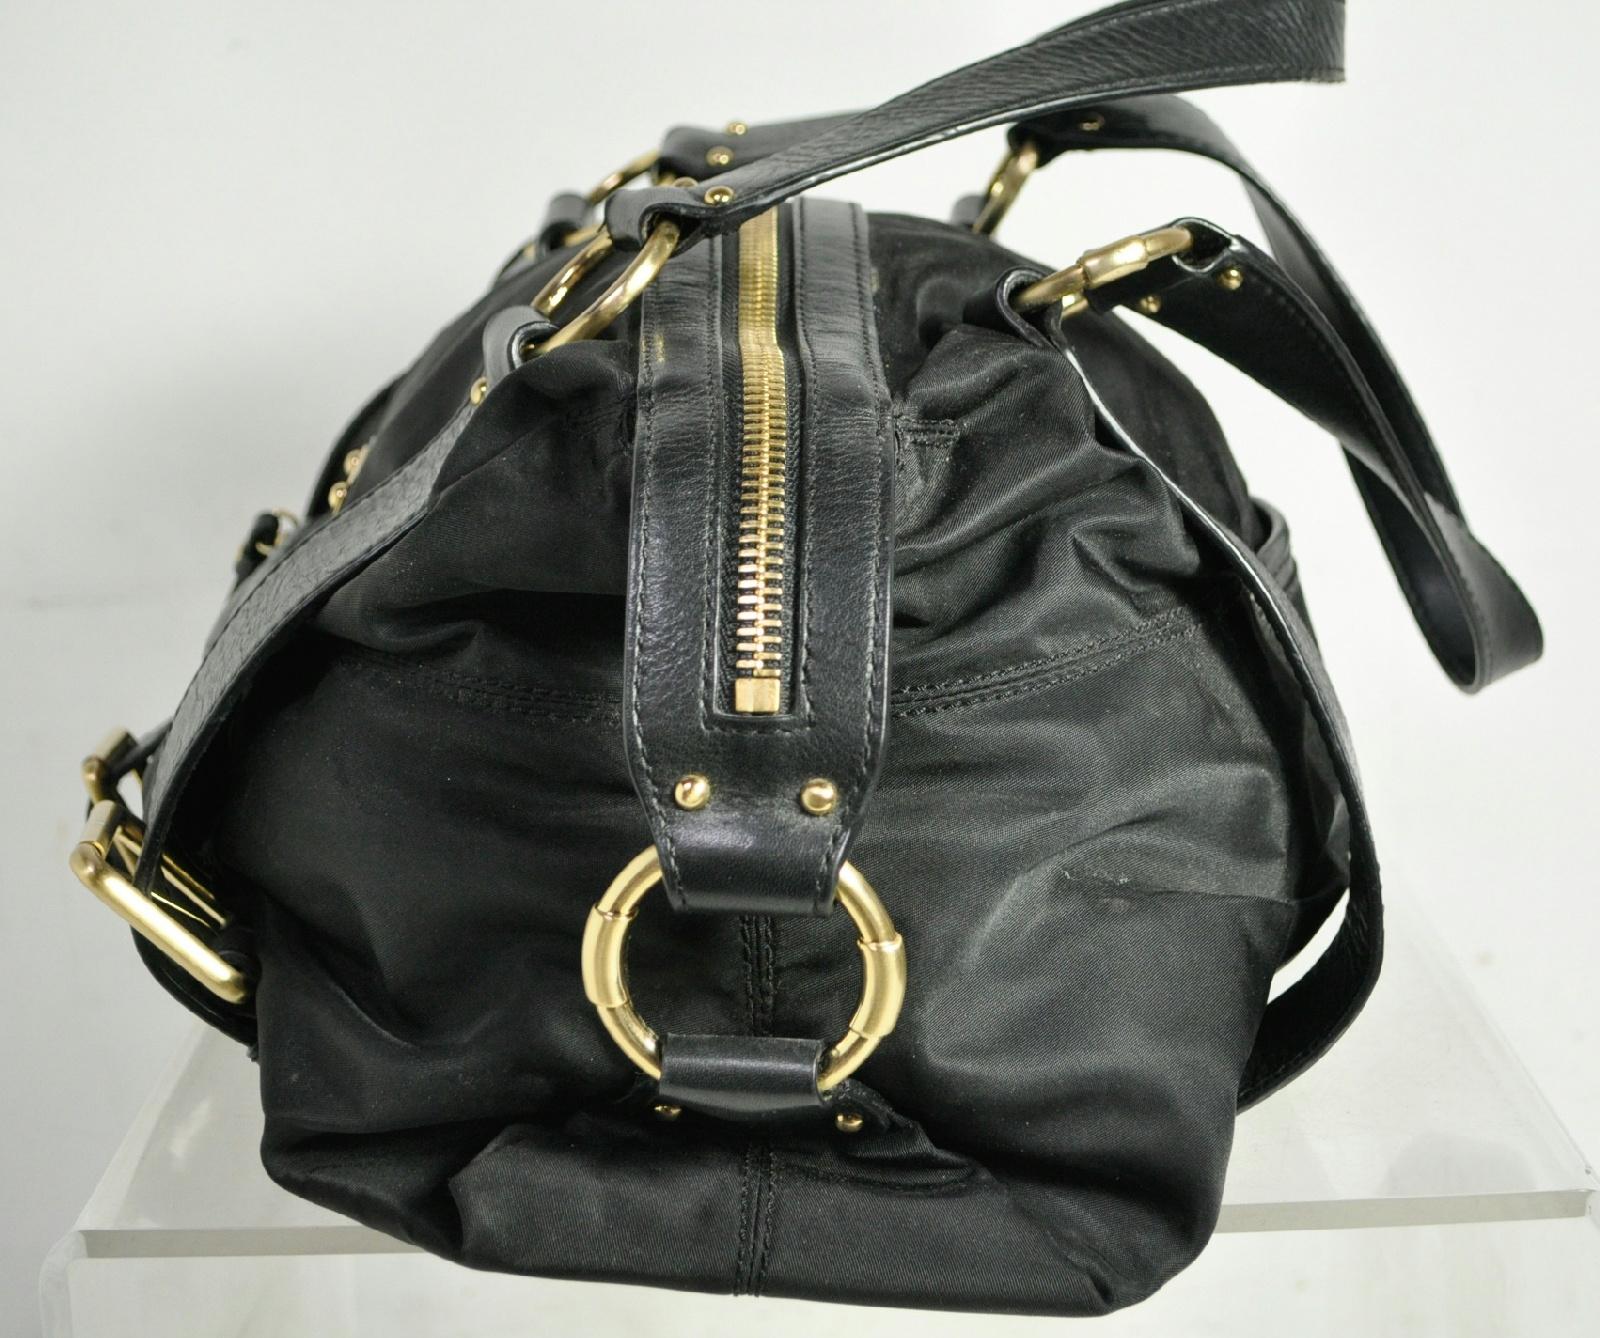 778b135d0ae227 Michael Kors Black Handbag Straps | Stanford Center for Opportunity ...